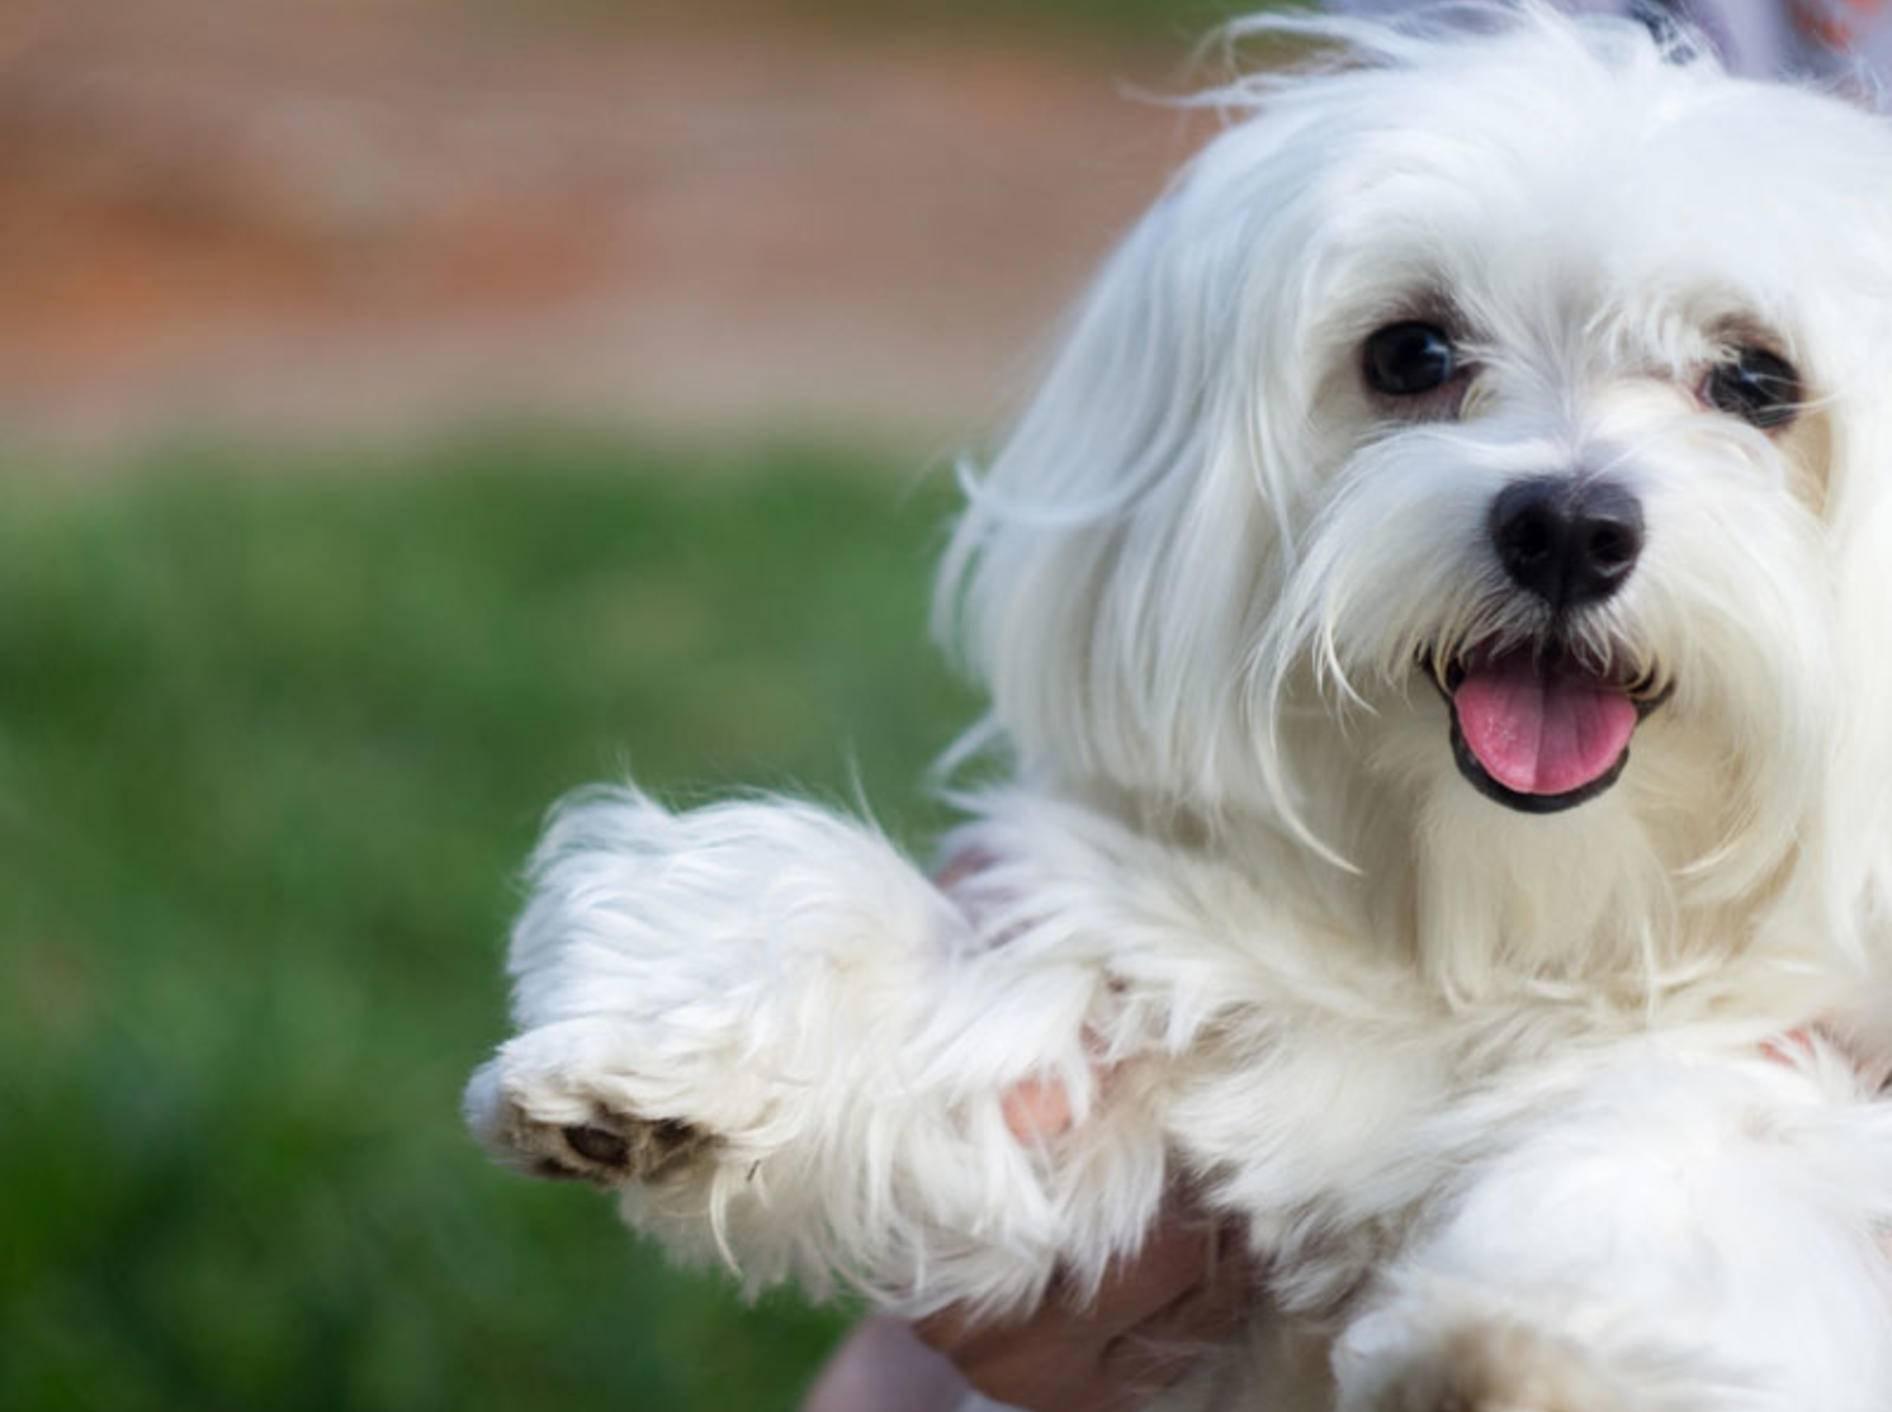 Der Malteser ist eine pflegeleichte Rasse: Der kleine Hund lässt sich gut in der Wohnung halten – Bild: Shutterstock / alvesflavio